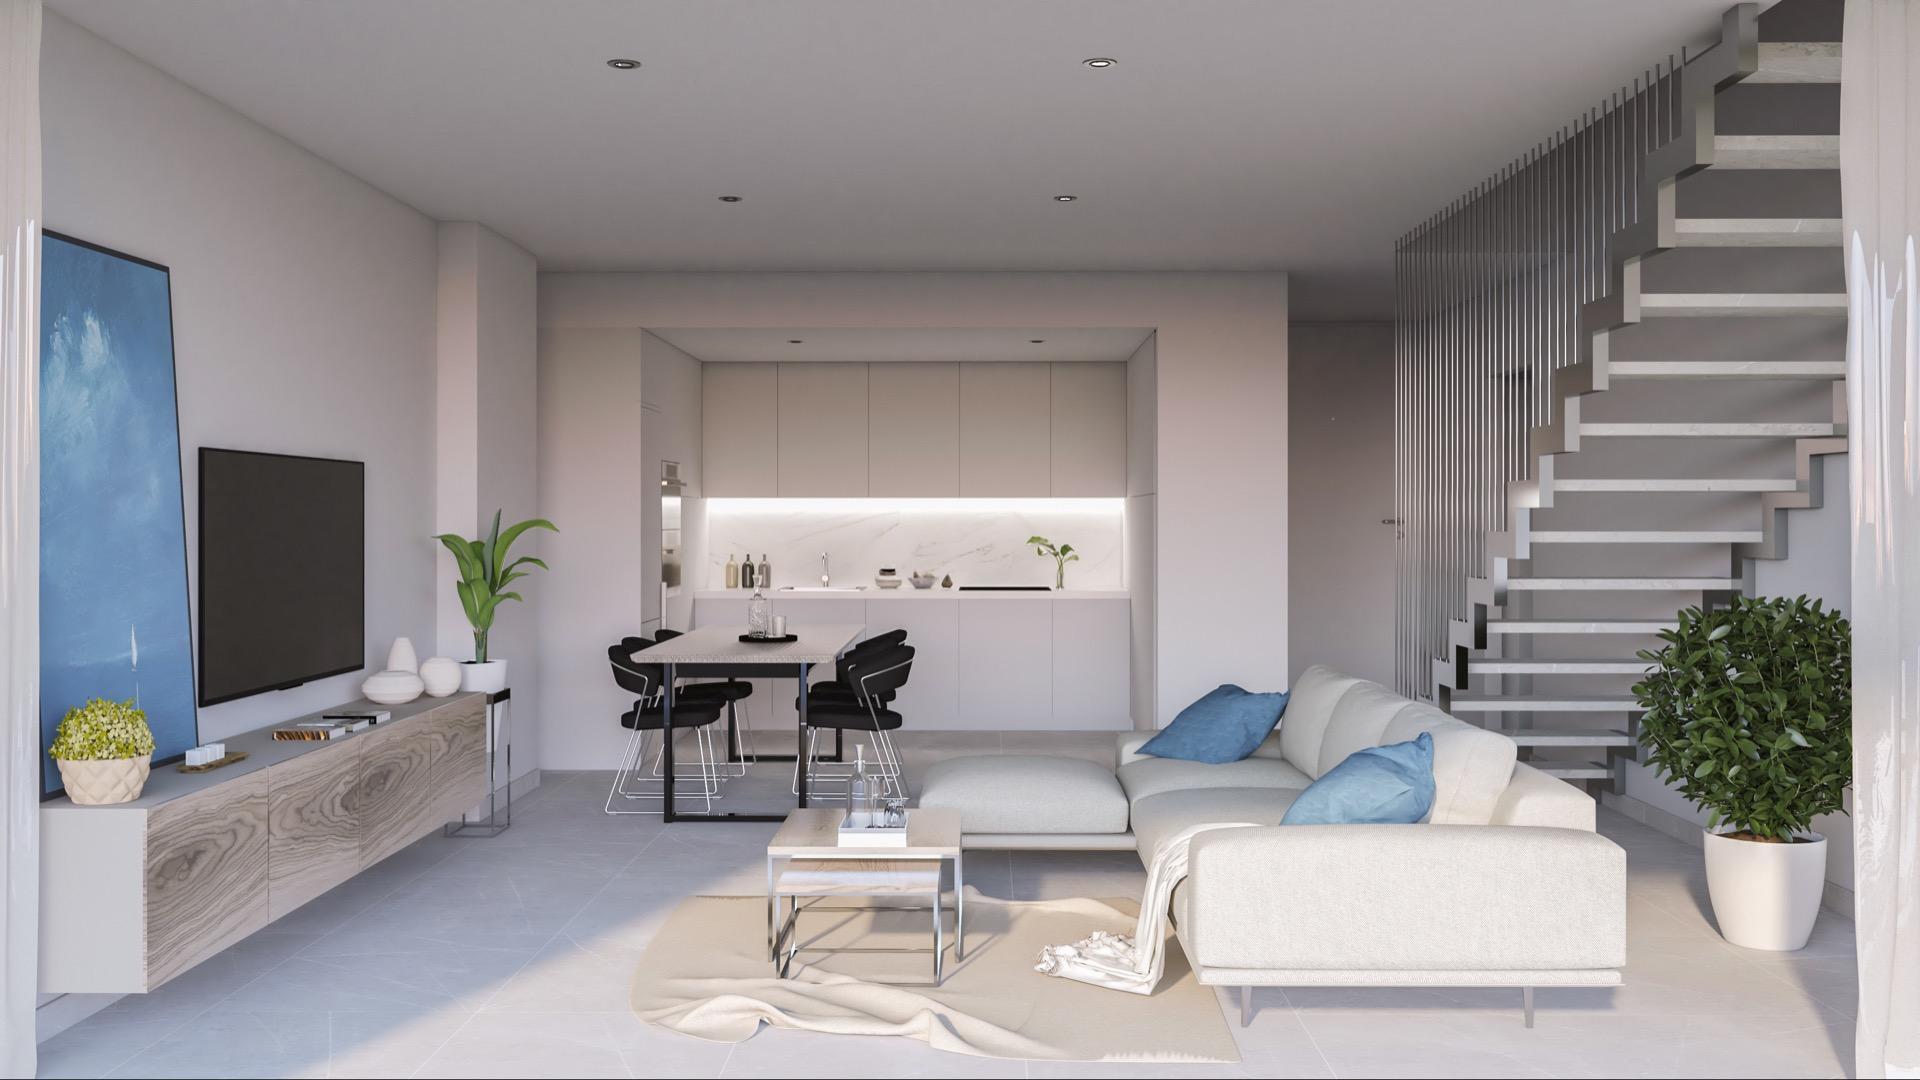 Villa te koop Costa Cálida, Spanje in Medvilla Spanje